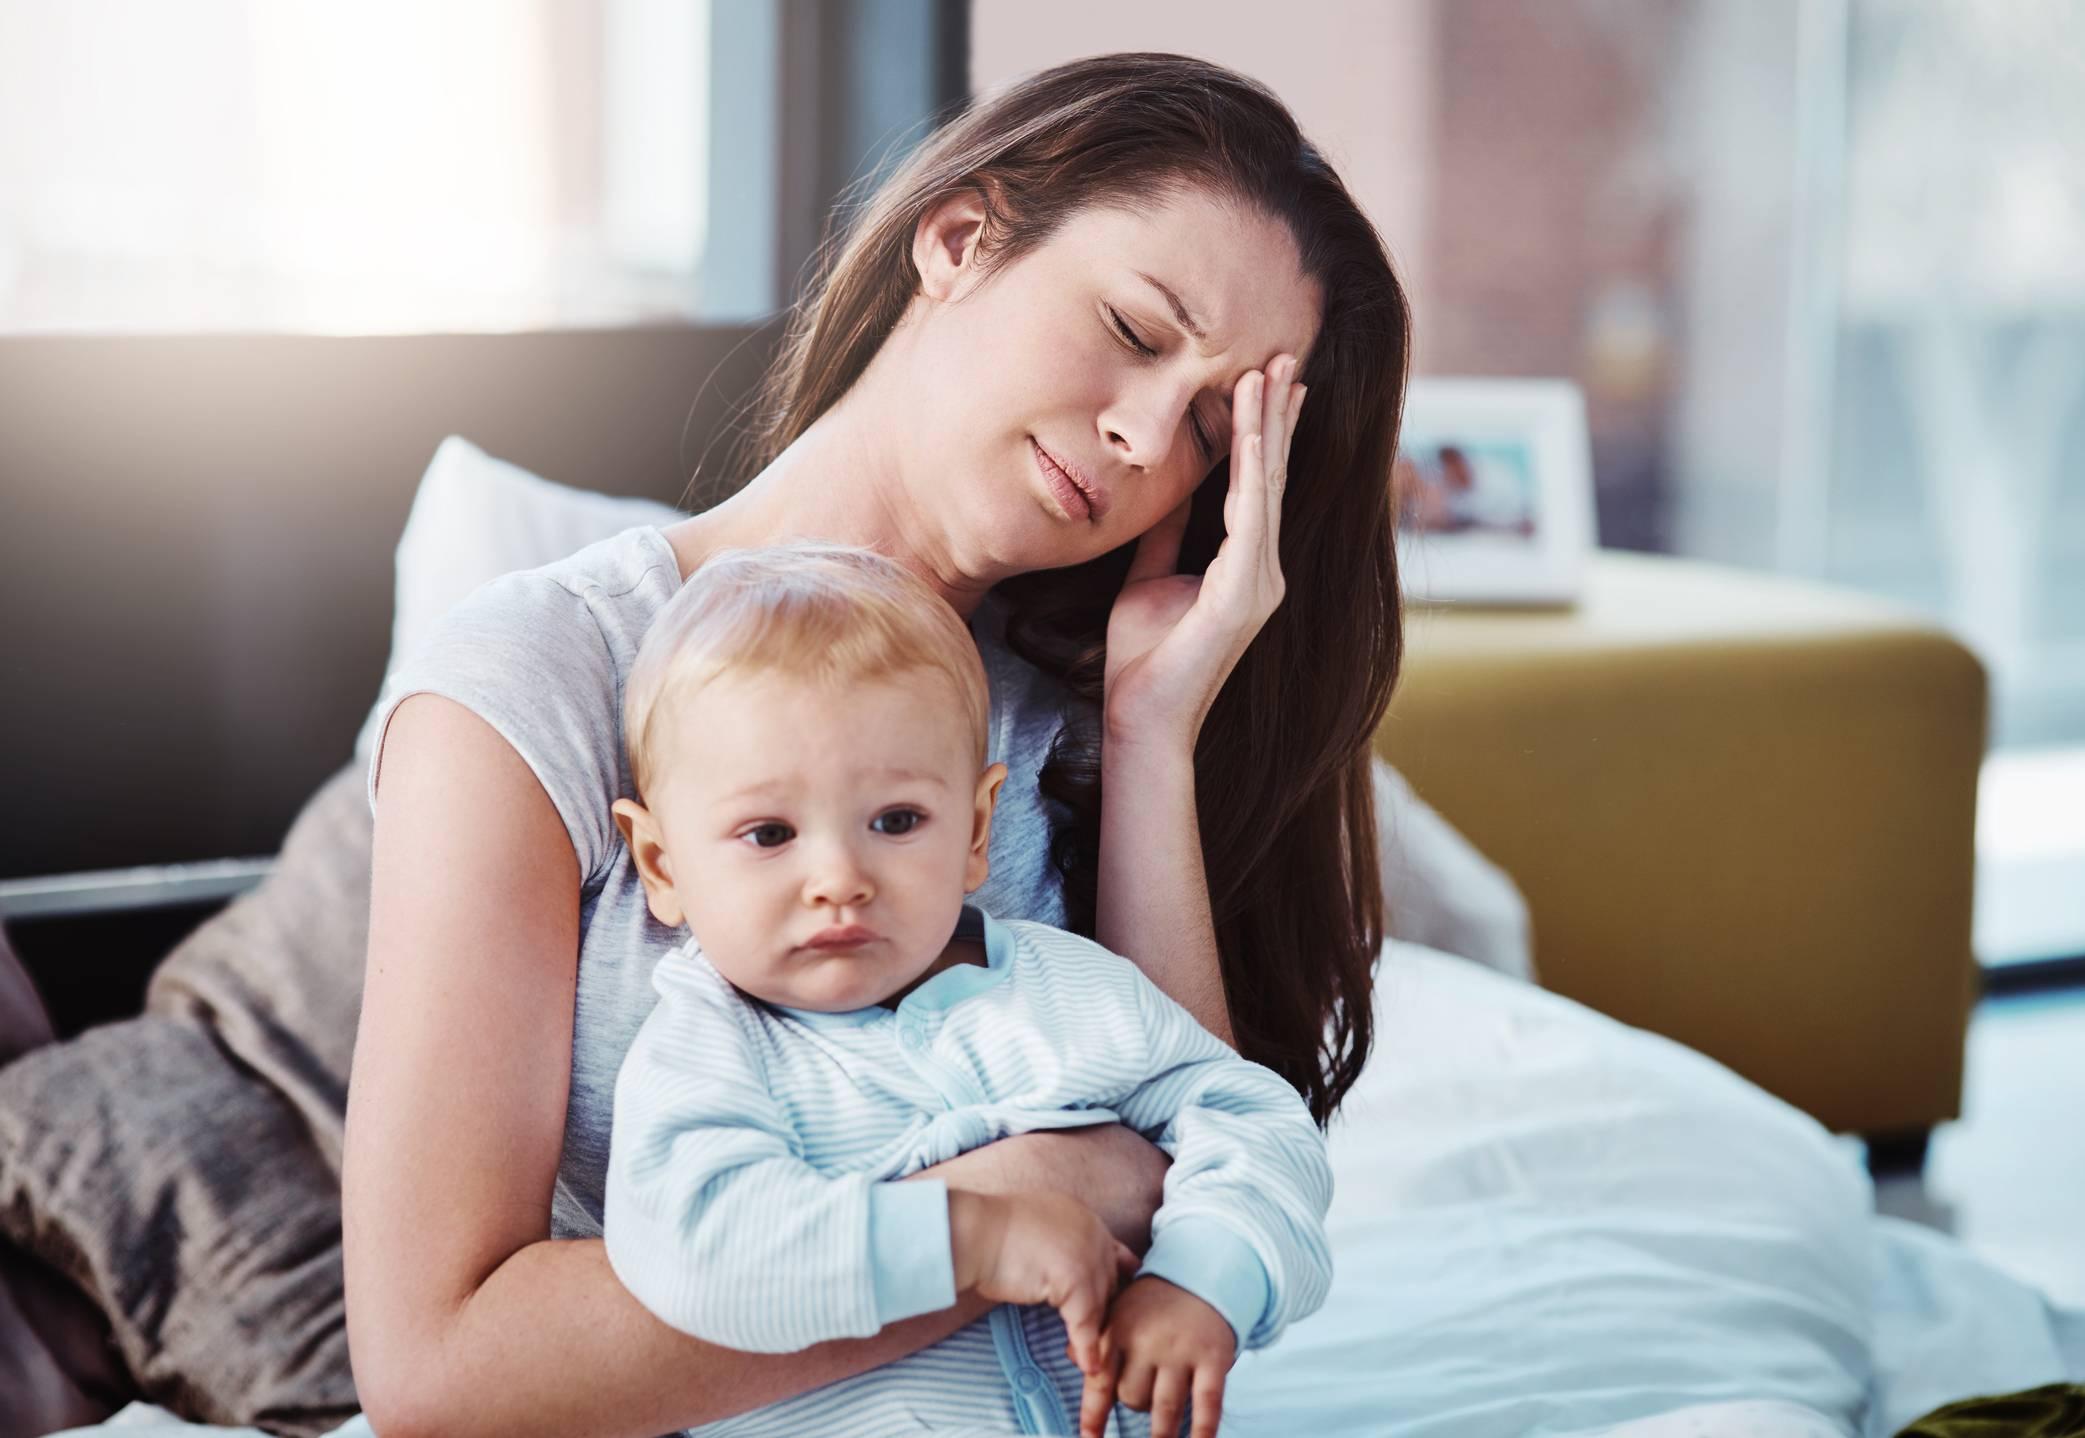 Устала от ребенка: что делать матери   детский психолог ольга товпеко